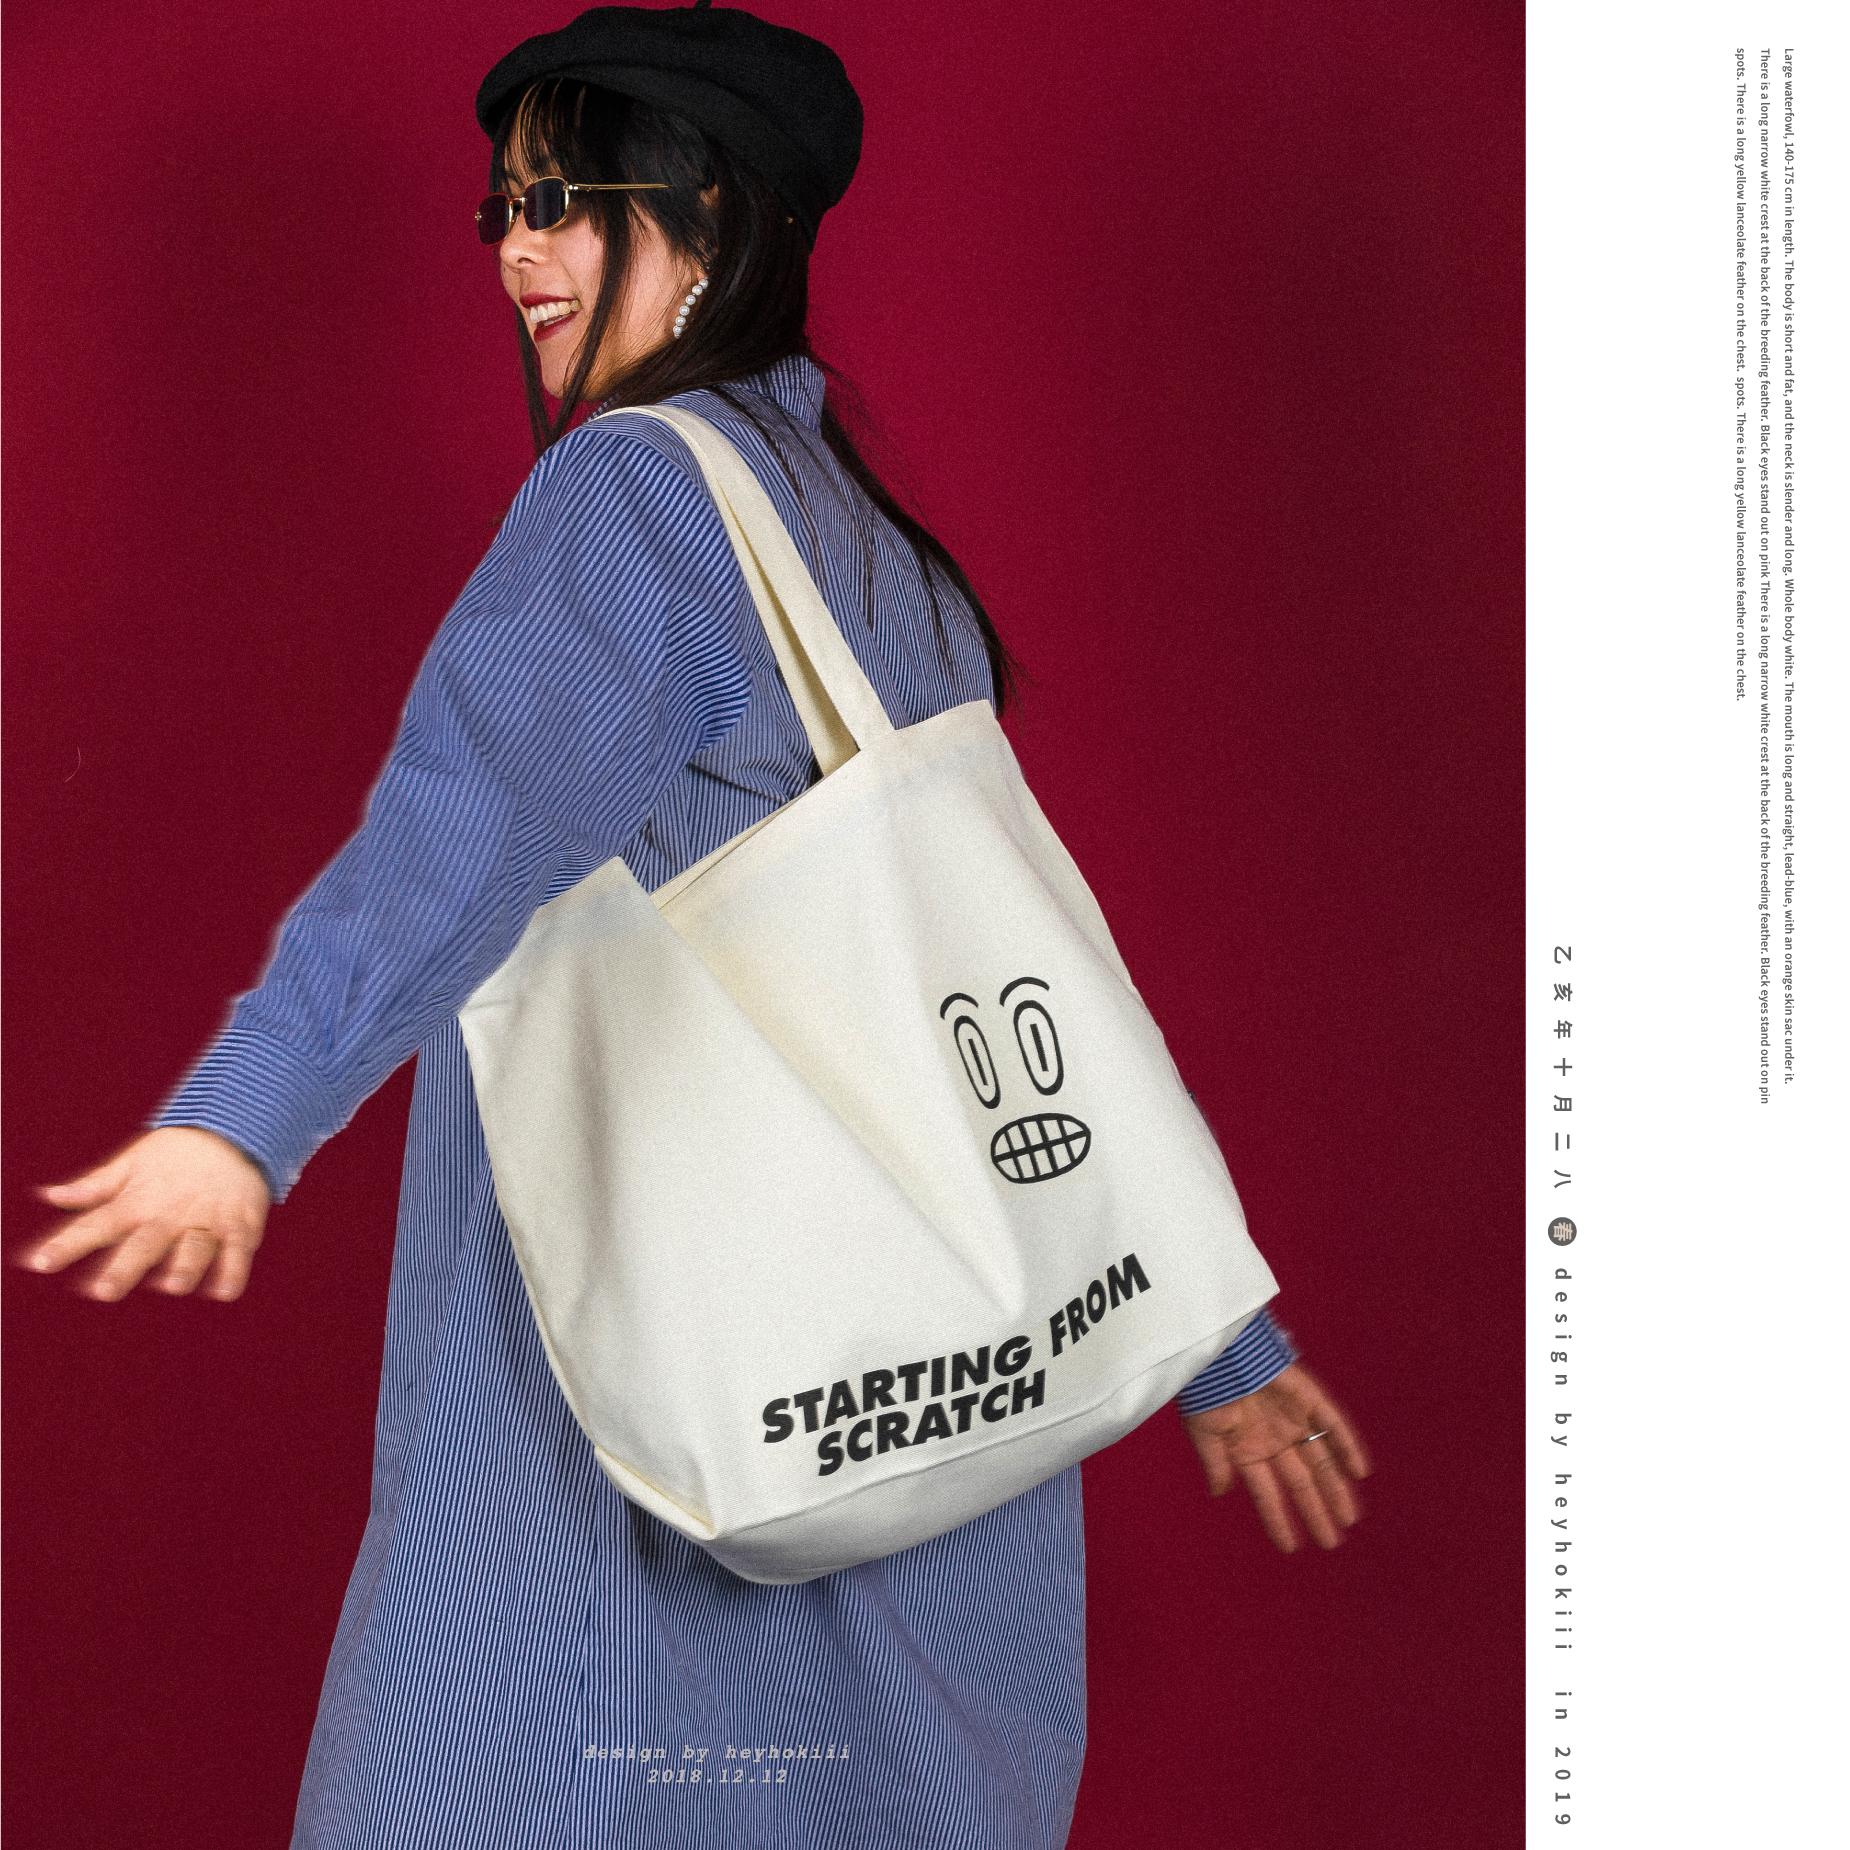 白色帆布包 何几原创设计大容量健身笑脸包白色慵懒风帆布包女文艺托特流浪包_推荐淘宝好看的白色帆布包